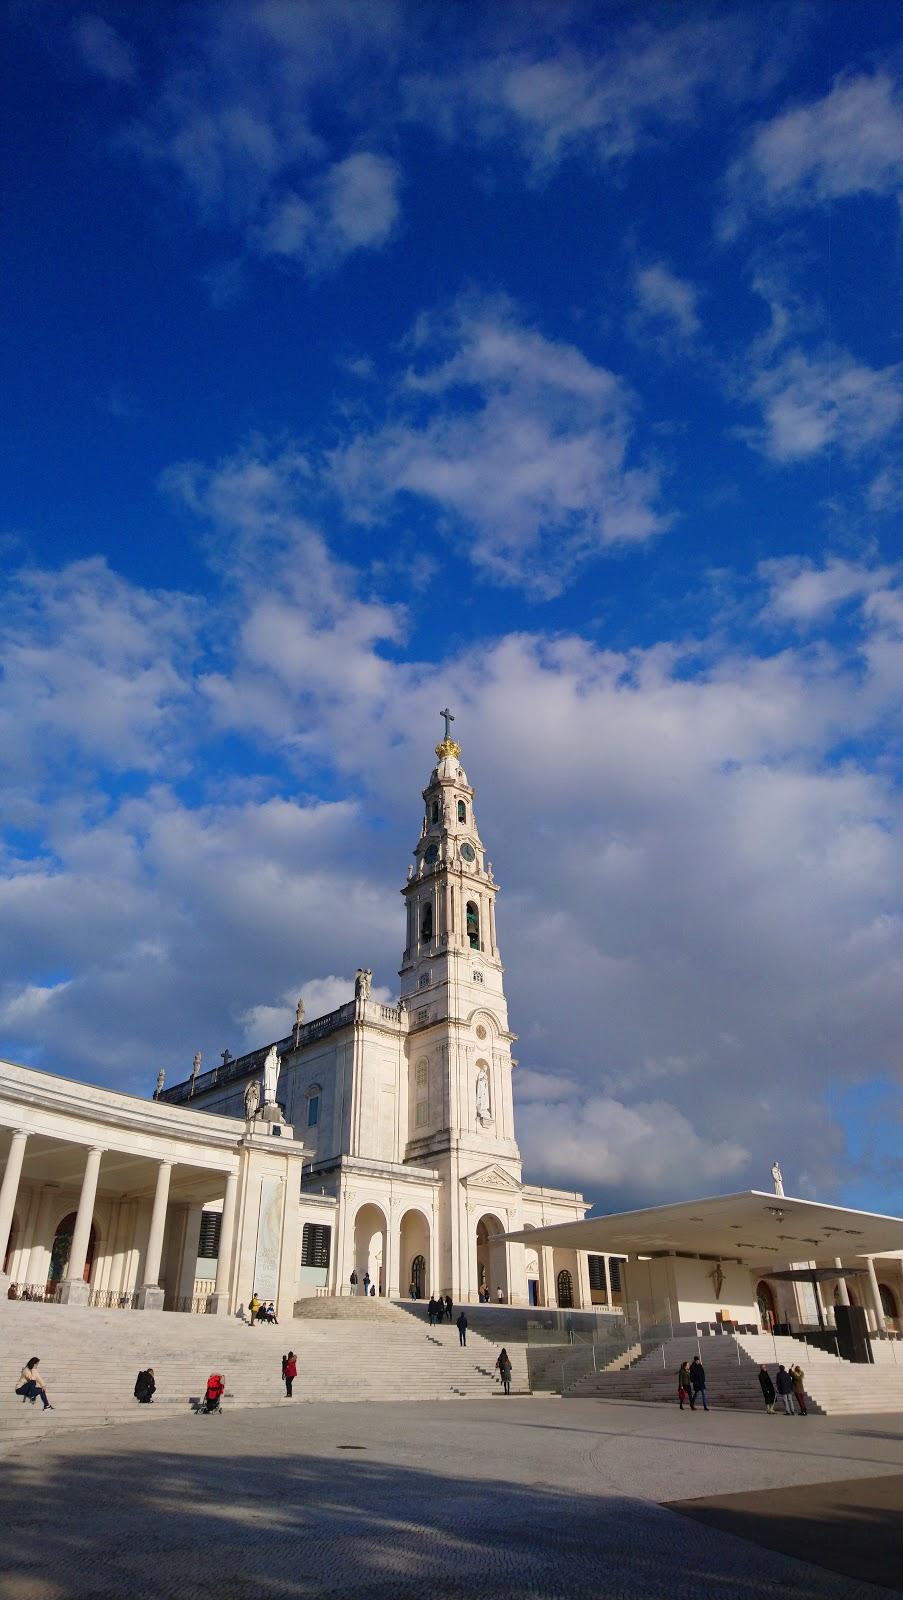 葡萄牙之旅 - Day05 - 巴塔哈修道院 / 法蒂瑪聖母朝聖地 ~ 不自量力 の Weithenn